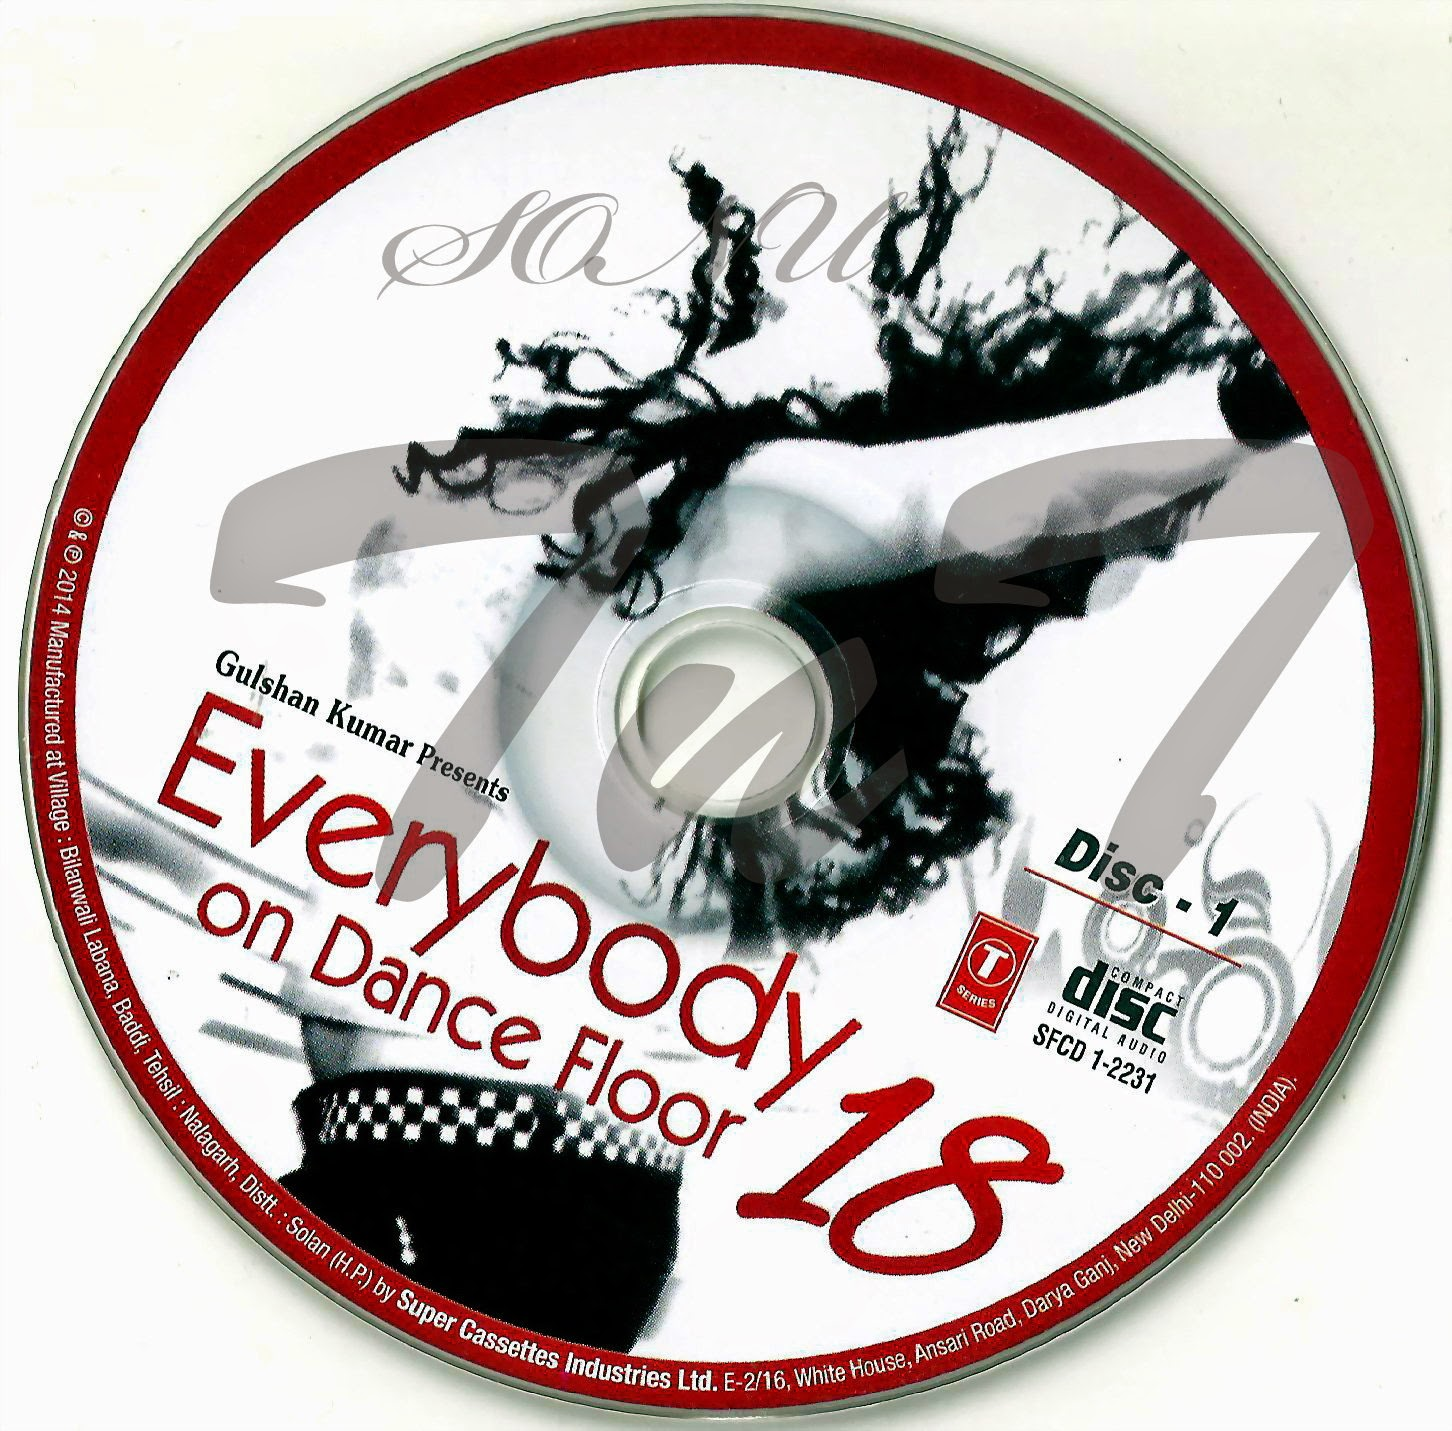 Everybody on dance floor 18 2014 mp3 vbr 320kbps team tnt for 1 2 3 4 get on the dance floor mp3